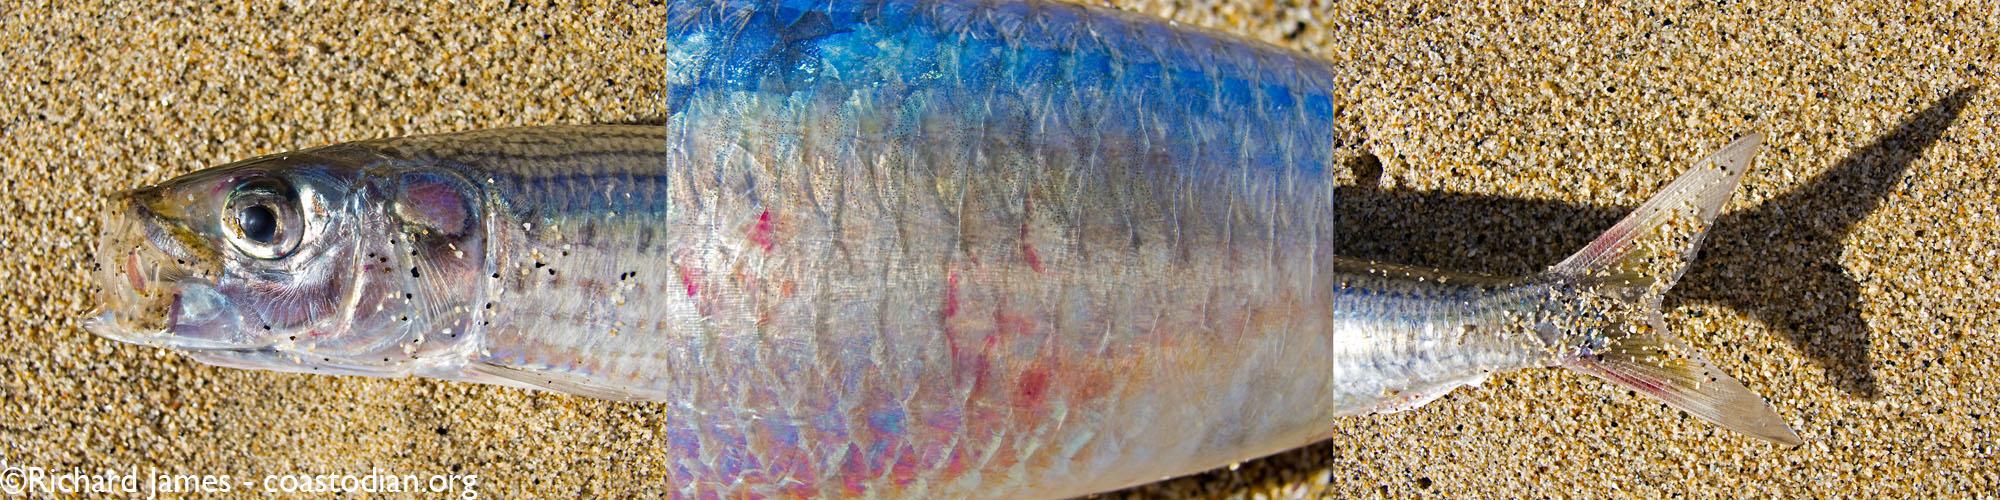 Fish Triptych.cw